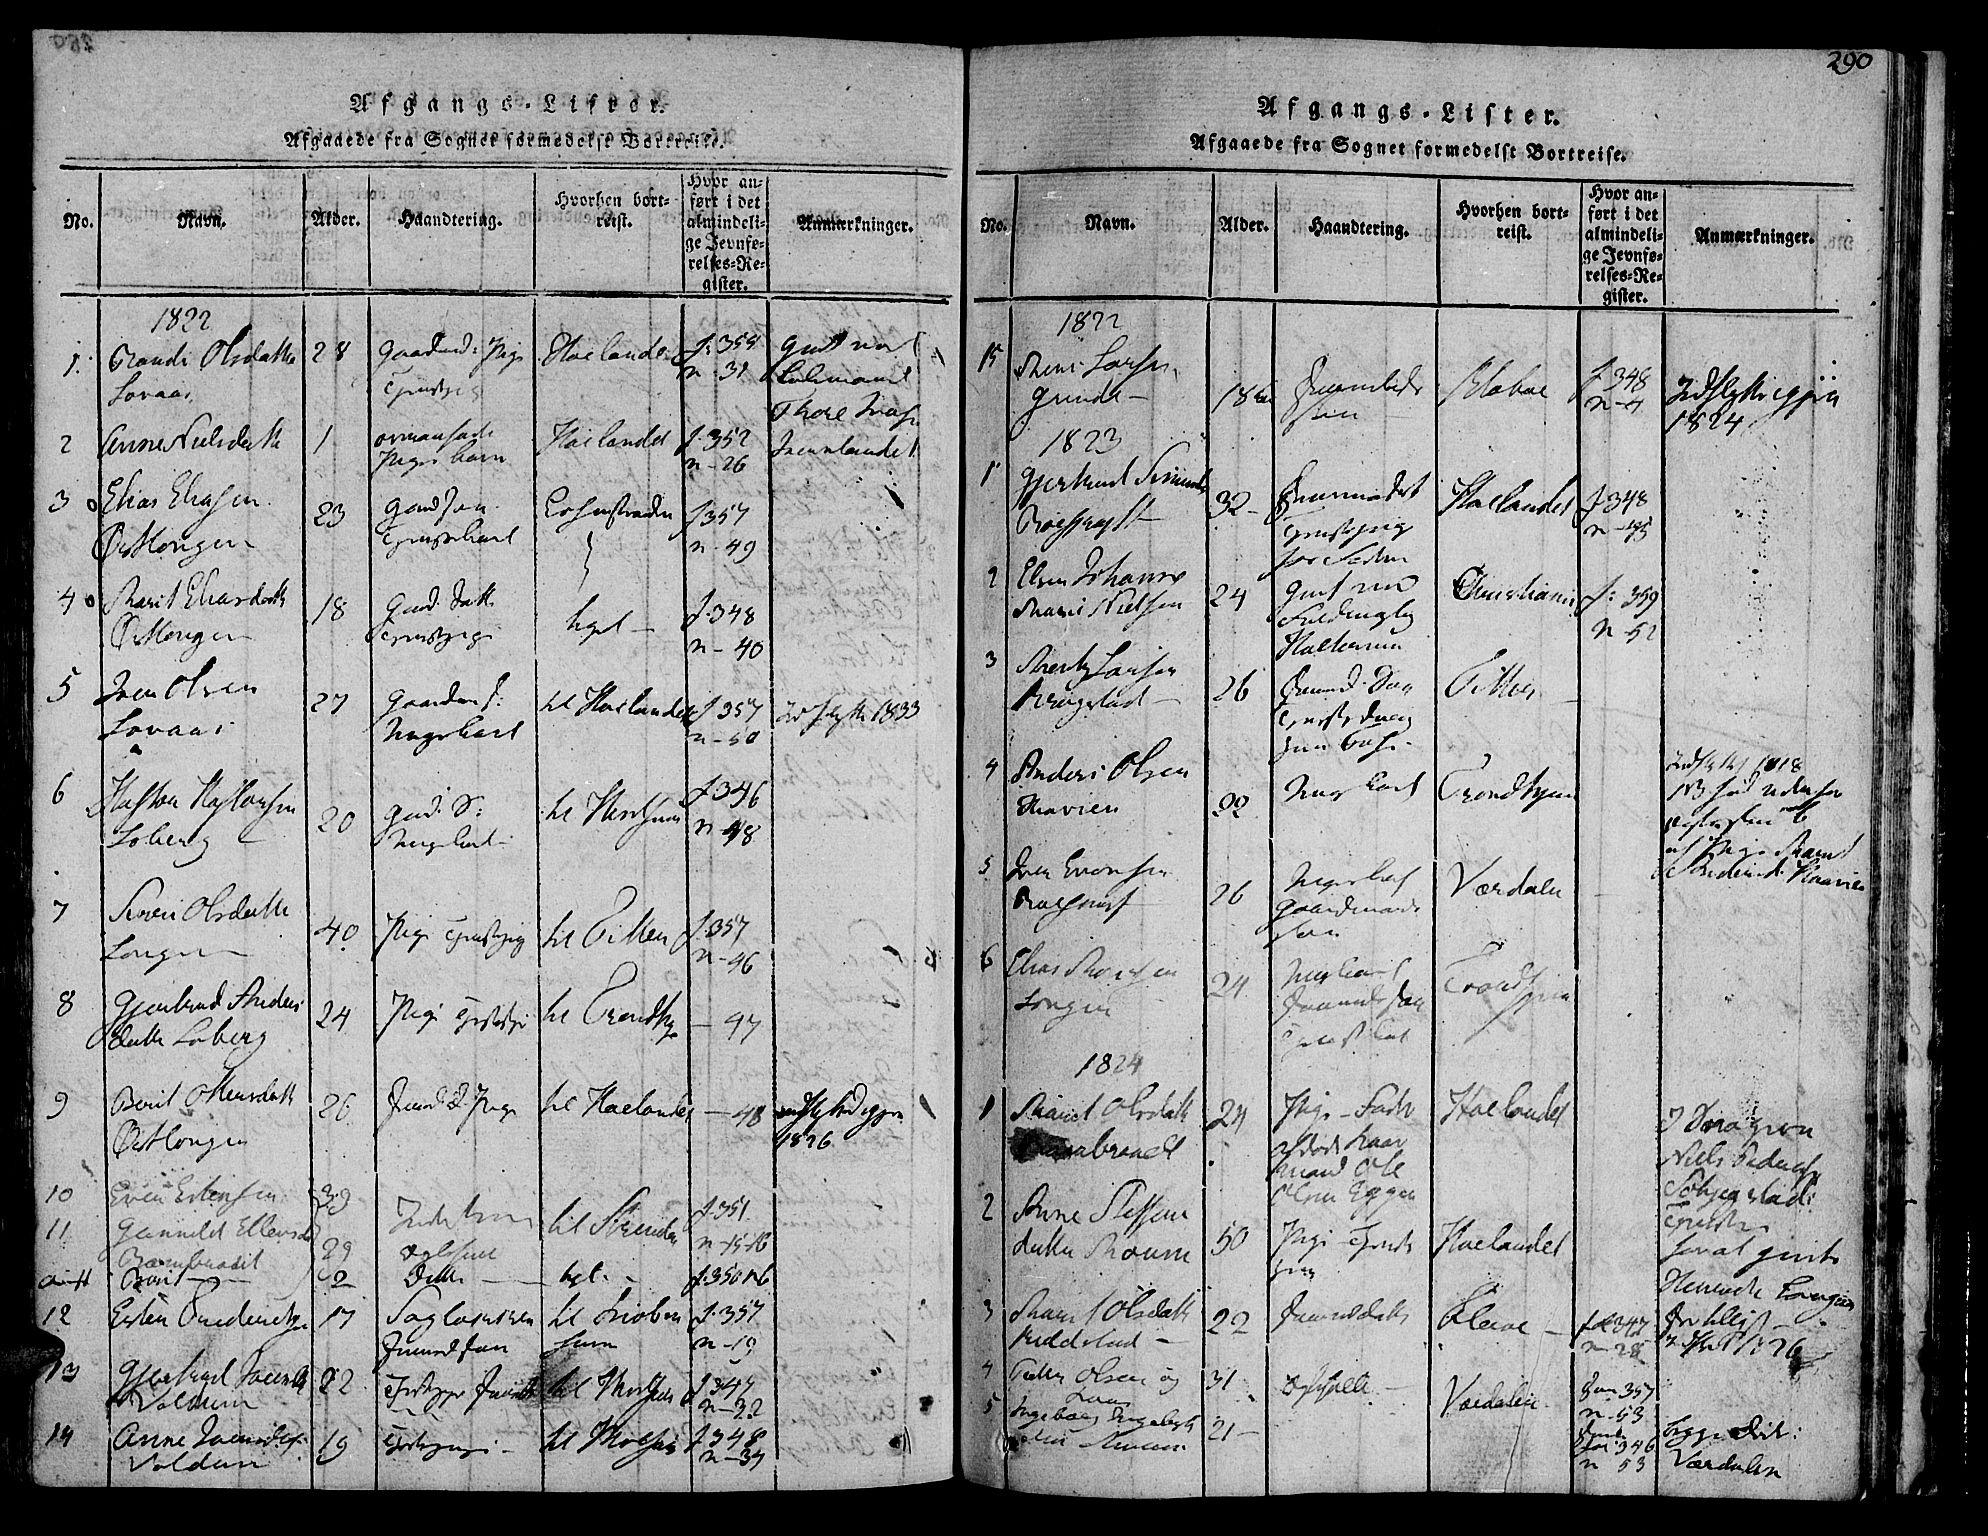 SAT, Ministerialprotokoller, klokkerbøker og fødselsregistre - Sør-Trøndelag, 692/L1102: Ministerialbok nr. 692A02, 1816-1842, s. 290